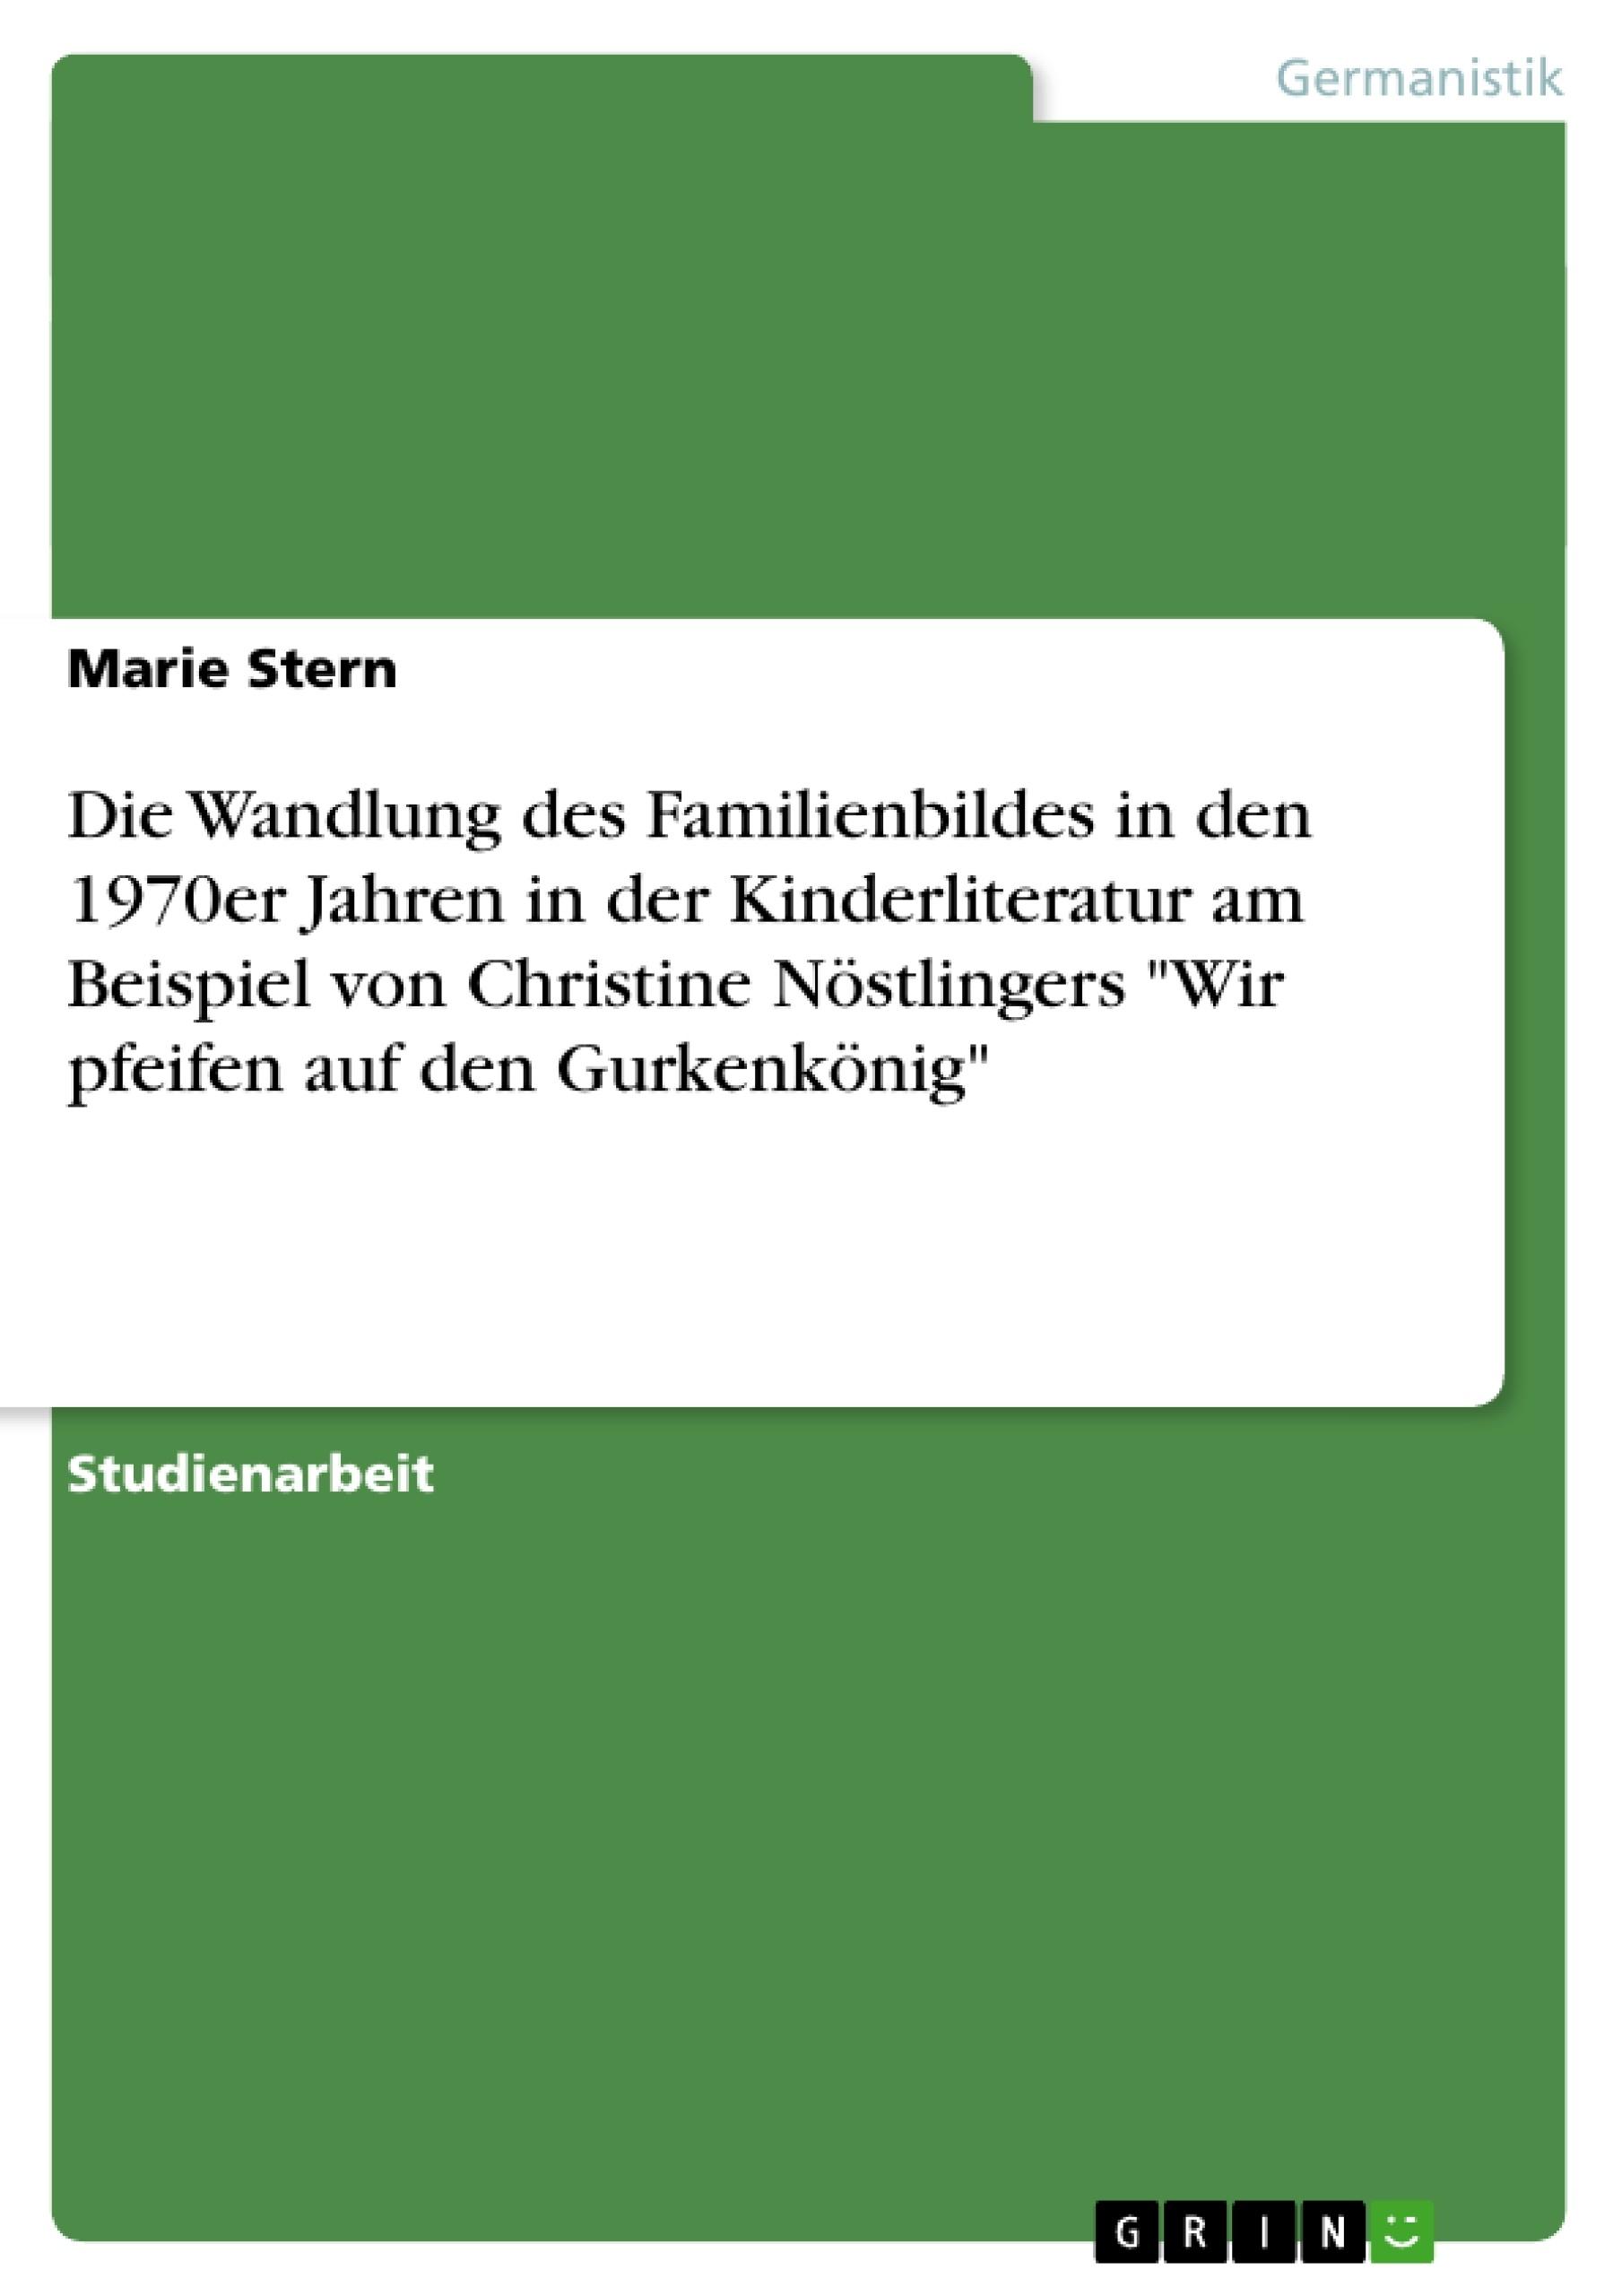 """Titel: Die Wandlung des Familienbildes in den 1970er Jahren in der Kinderliteratur am Beispiel von Christine Nöstlingers """"Wir pfeifen auf den Gurkenkönig"""""""